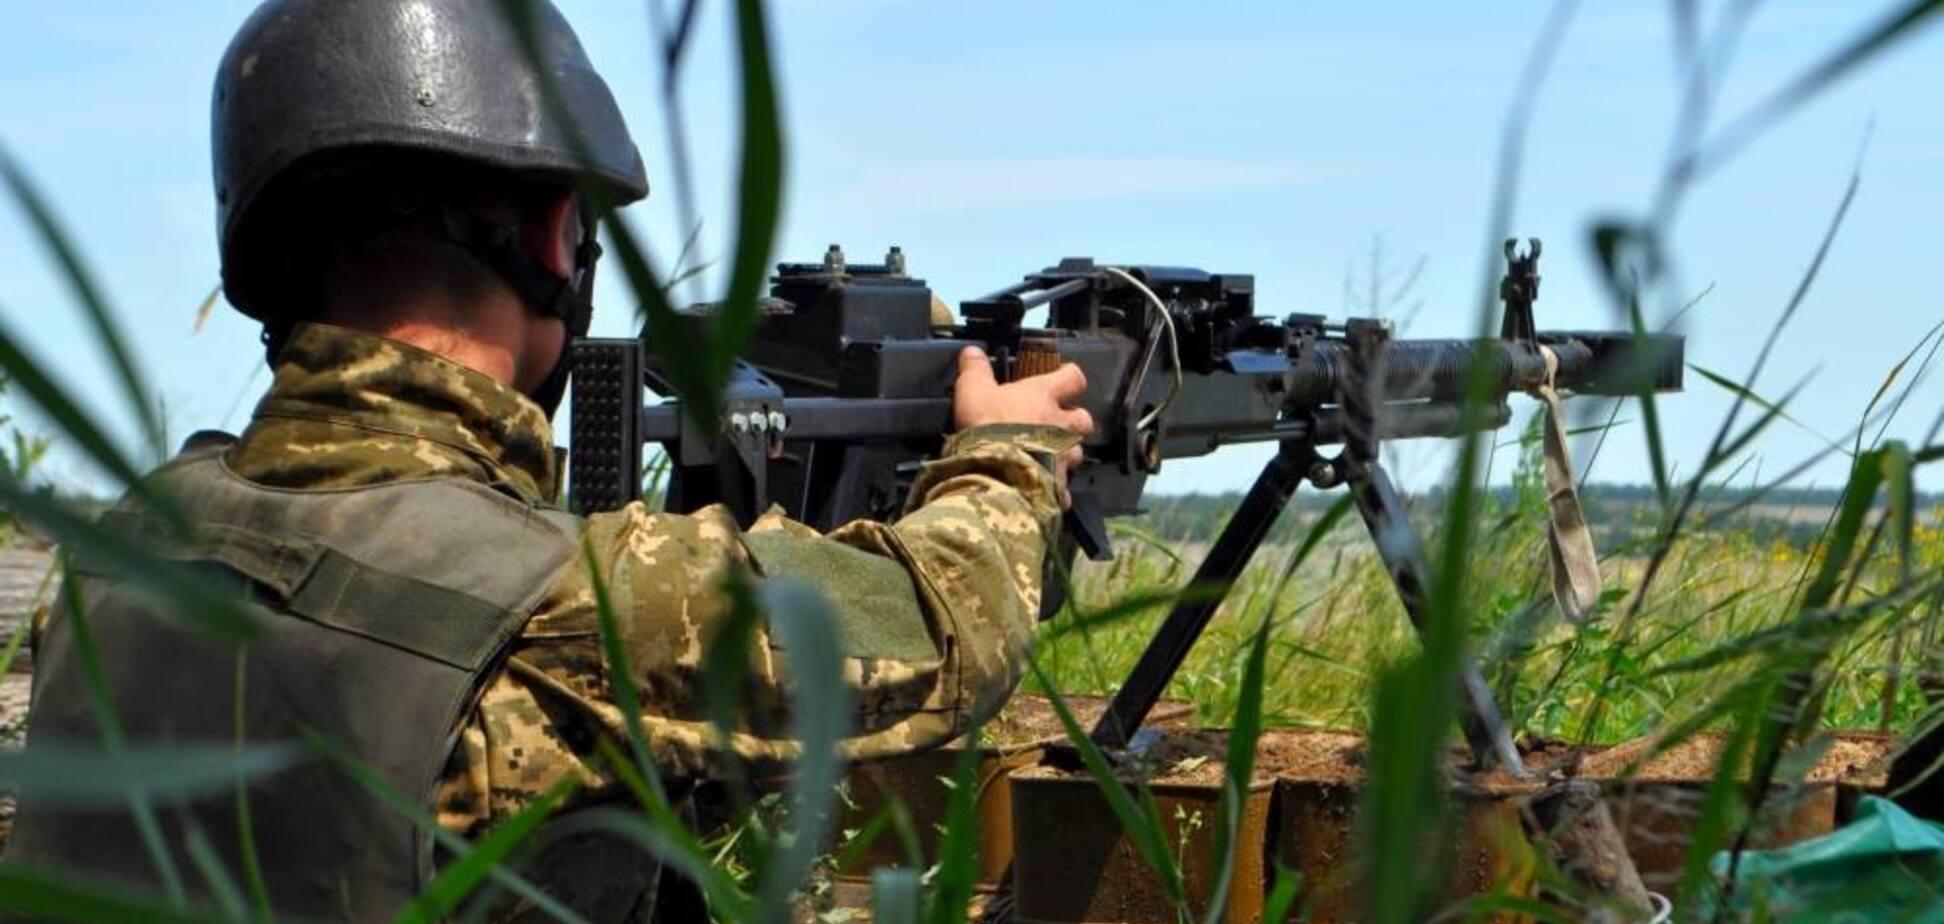 Террористы атаковали ВСУ на Донбассе: ОС дали ответку